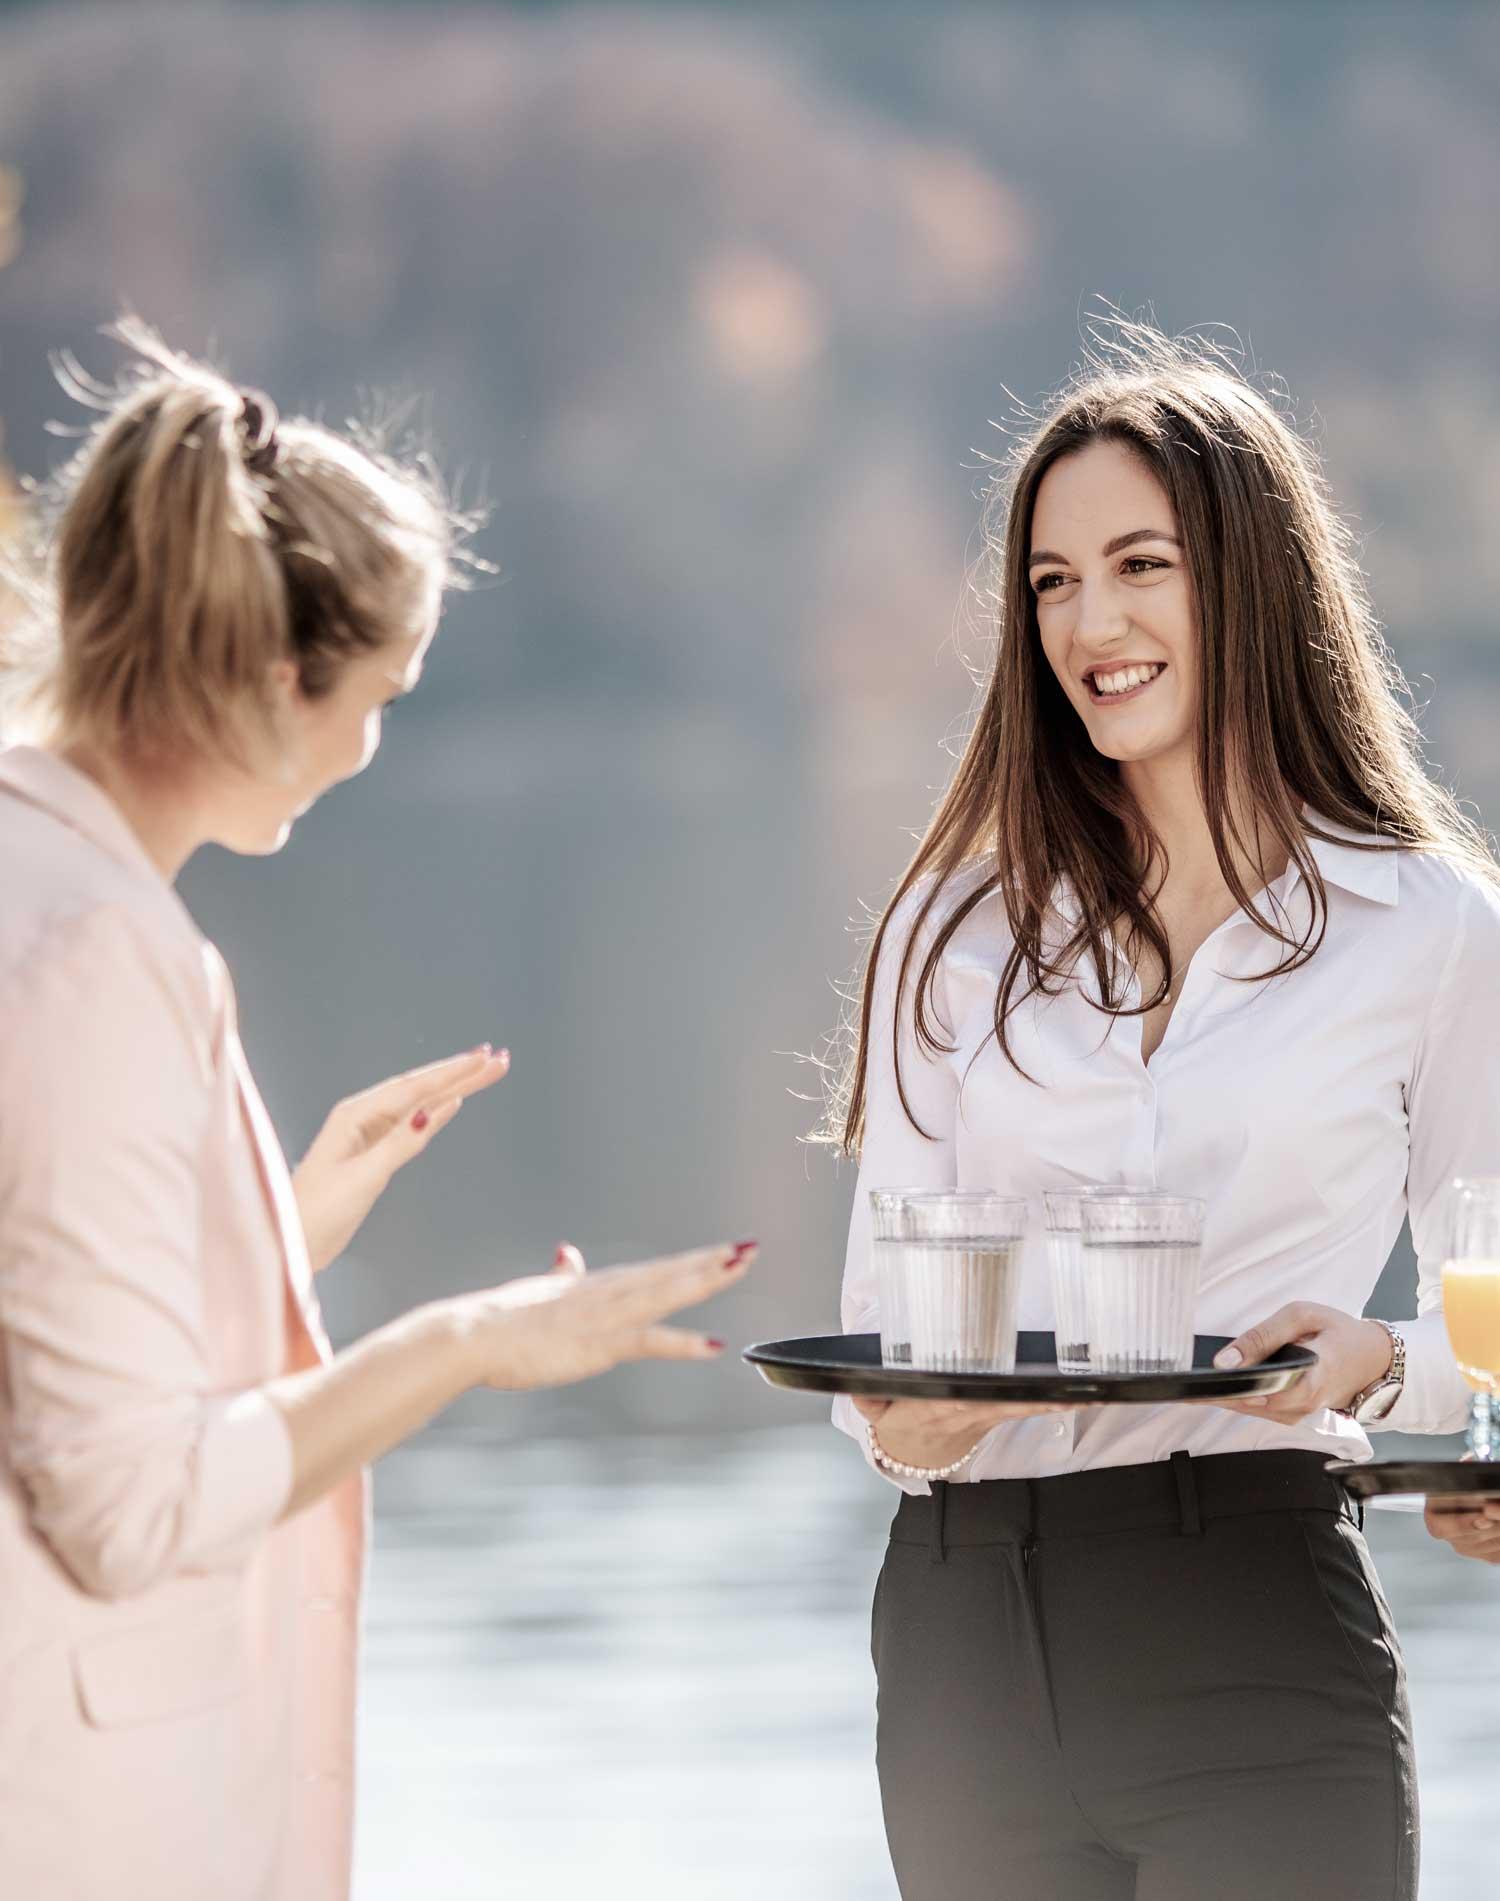 catering-hochzeit-buffet-hochzeit-ideen-was-ist-das-beste-essen-fuer-eine-hochzeit-organisation-catering-hchzeit-woerthersee-hochzeitscaterer